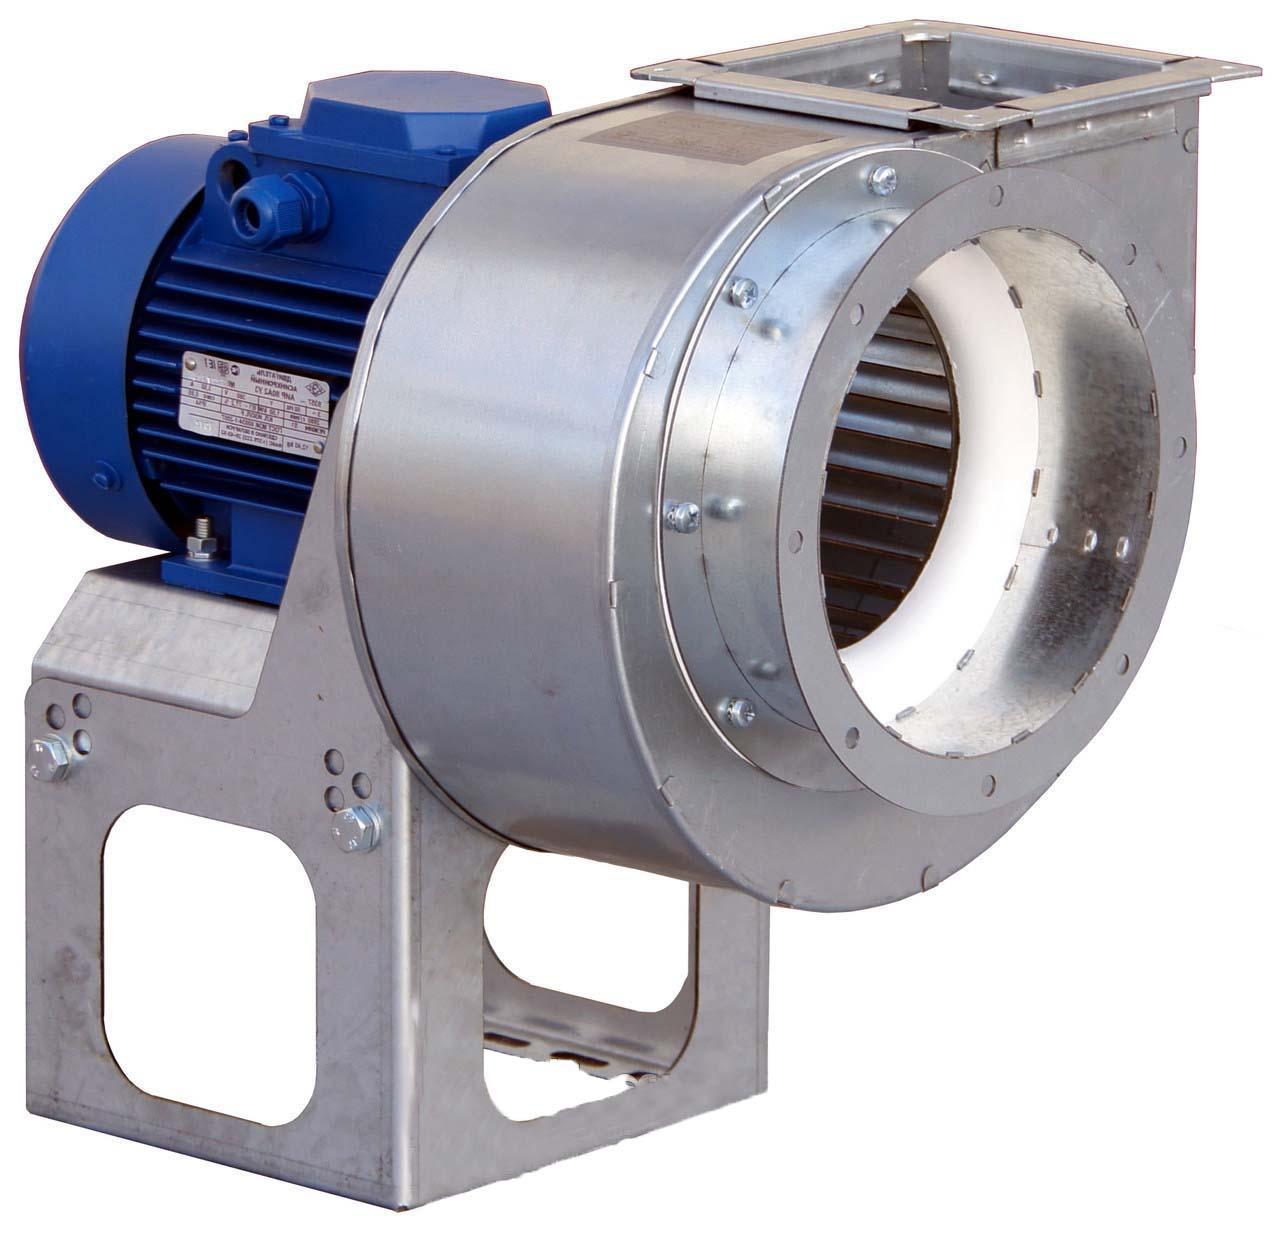 Вентилятор ВР 280-46-4,0 5,5 кВт/1500 об/мин ЛО